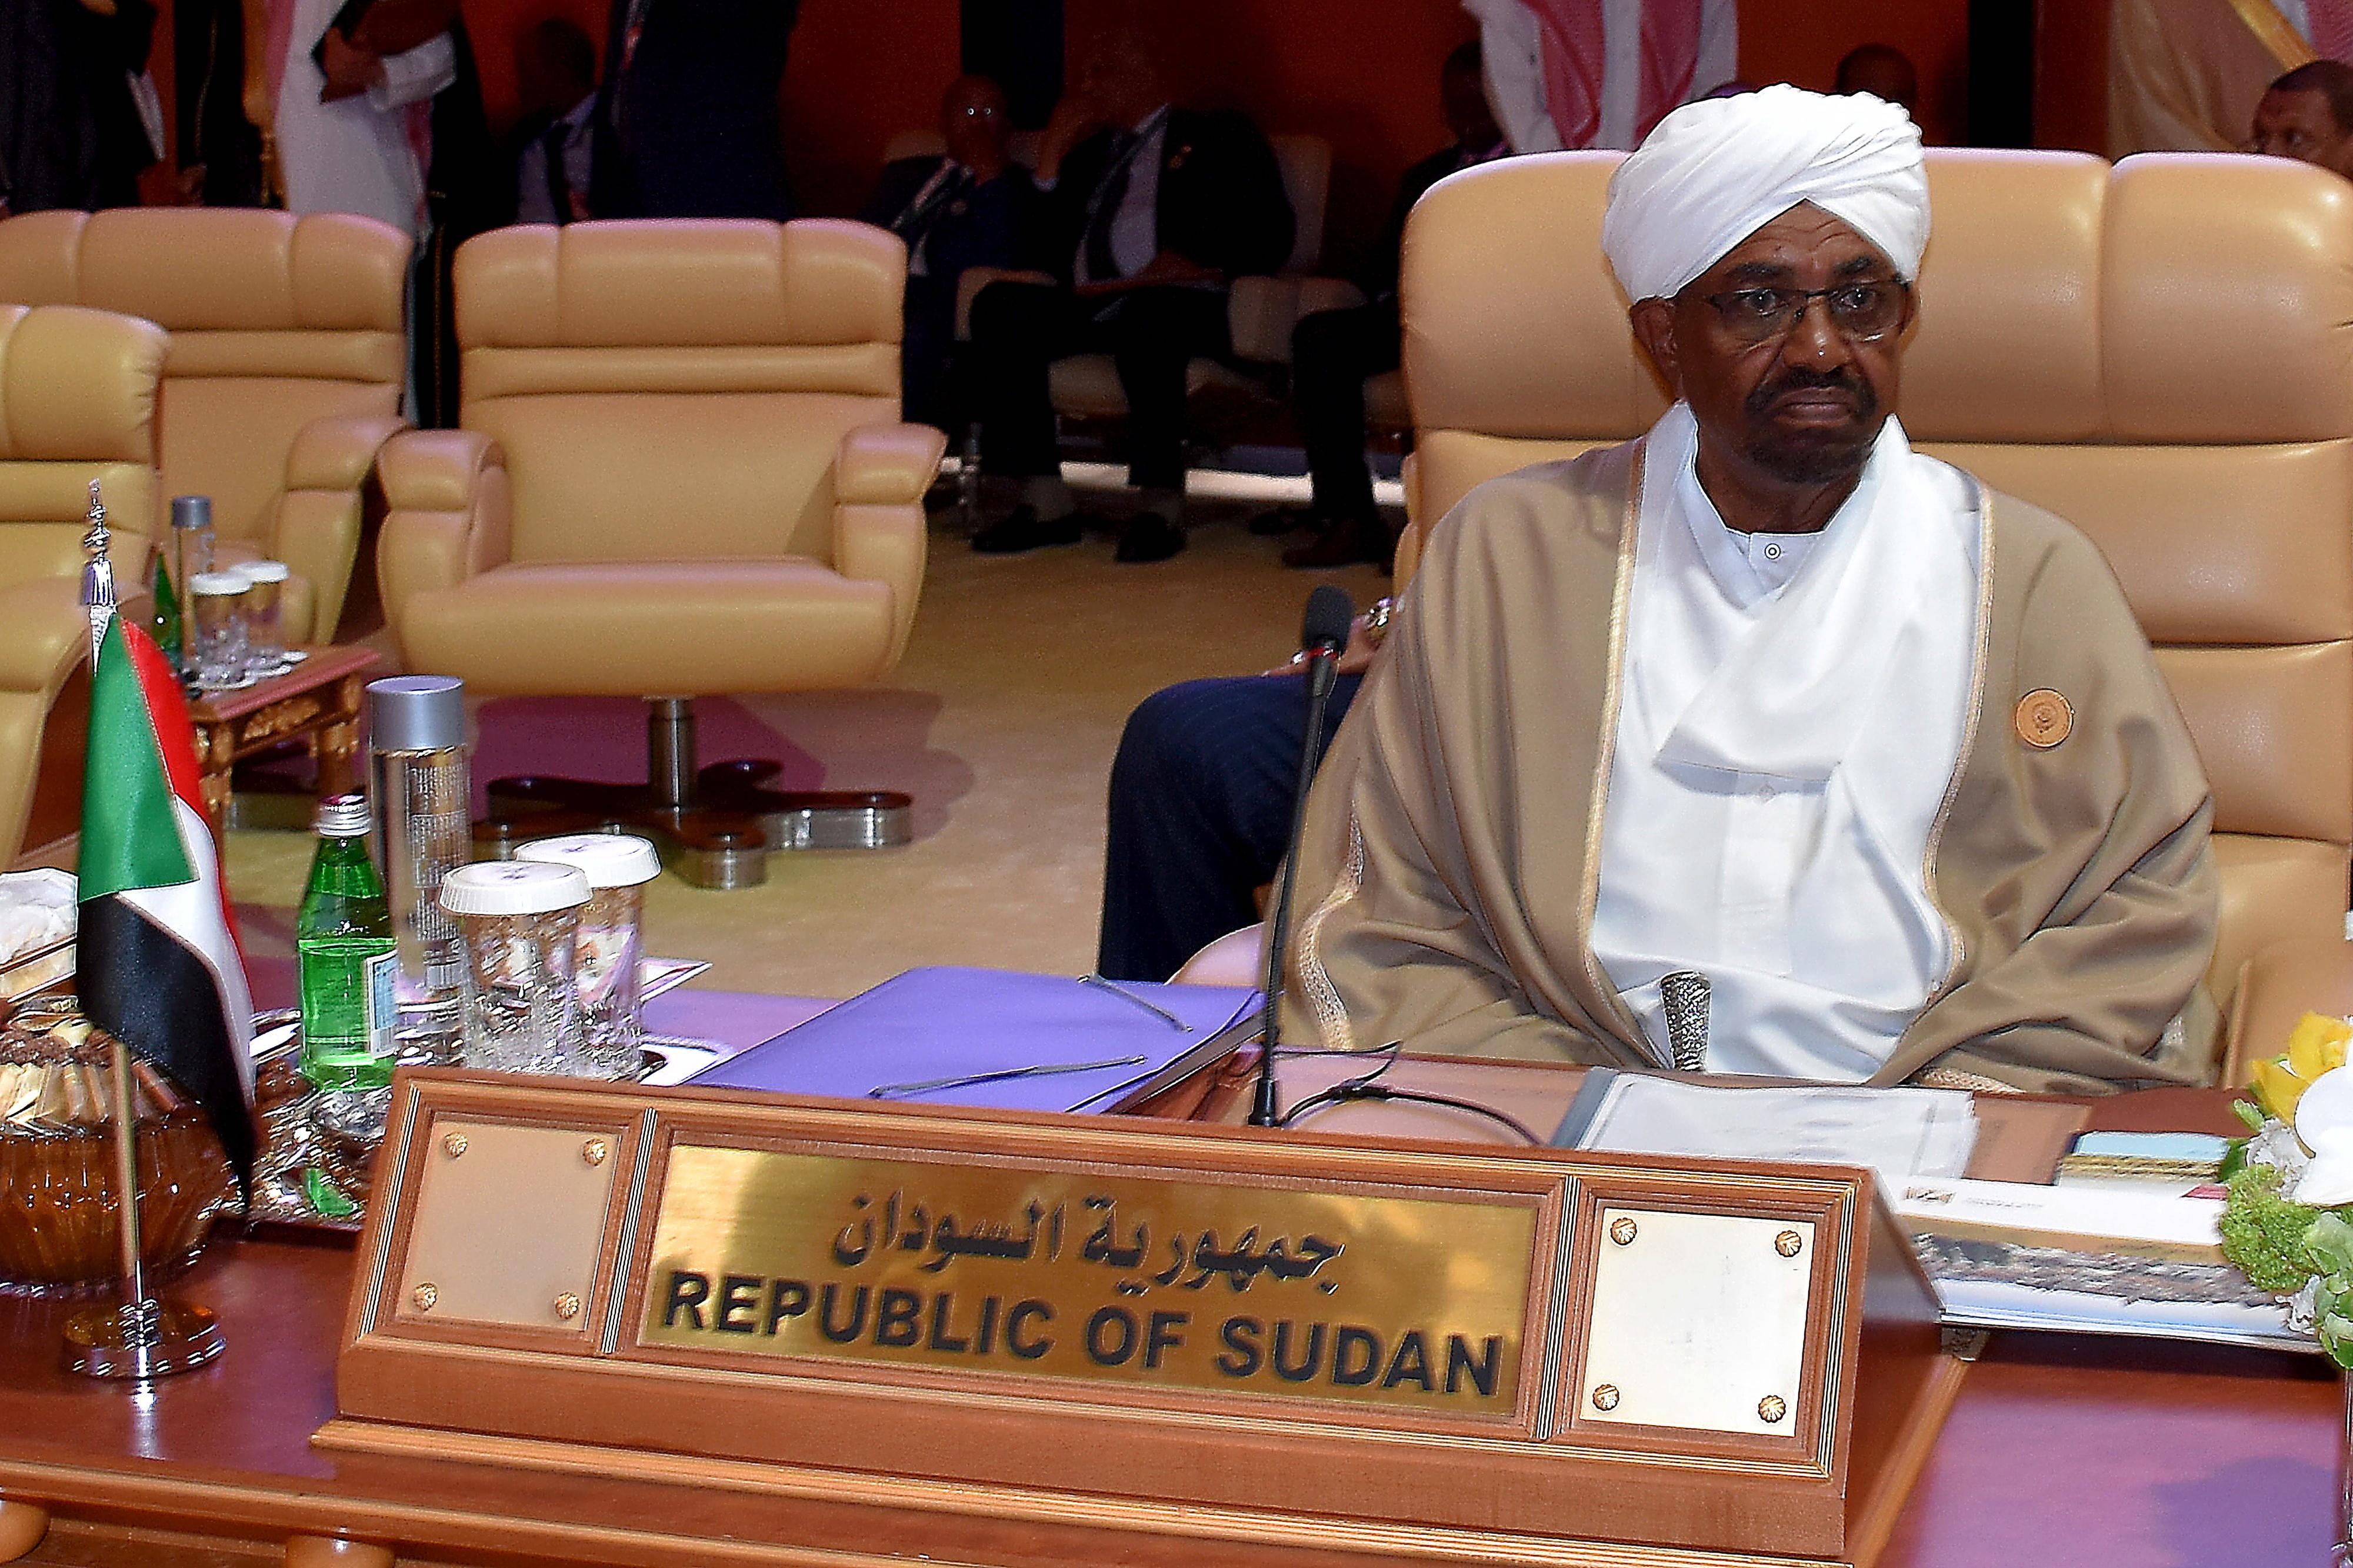 Presidente do Sudão dissolve Governo e declara estado de emergência